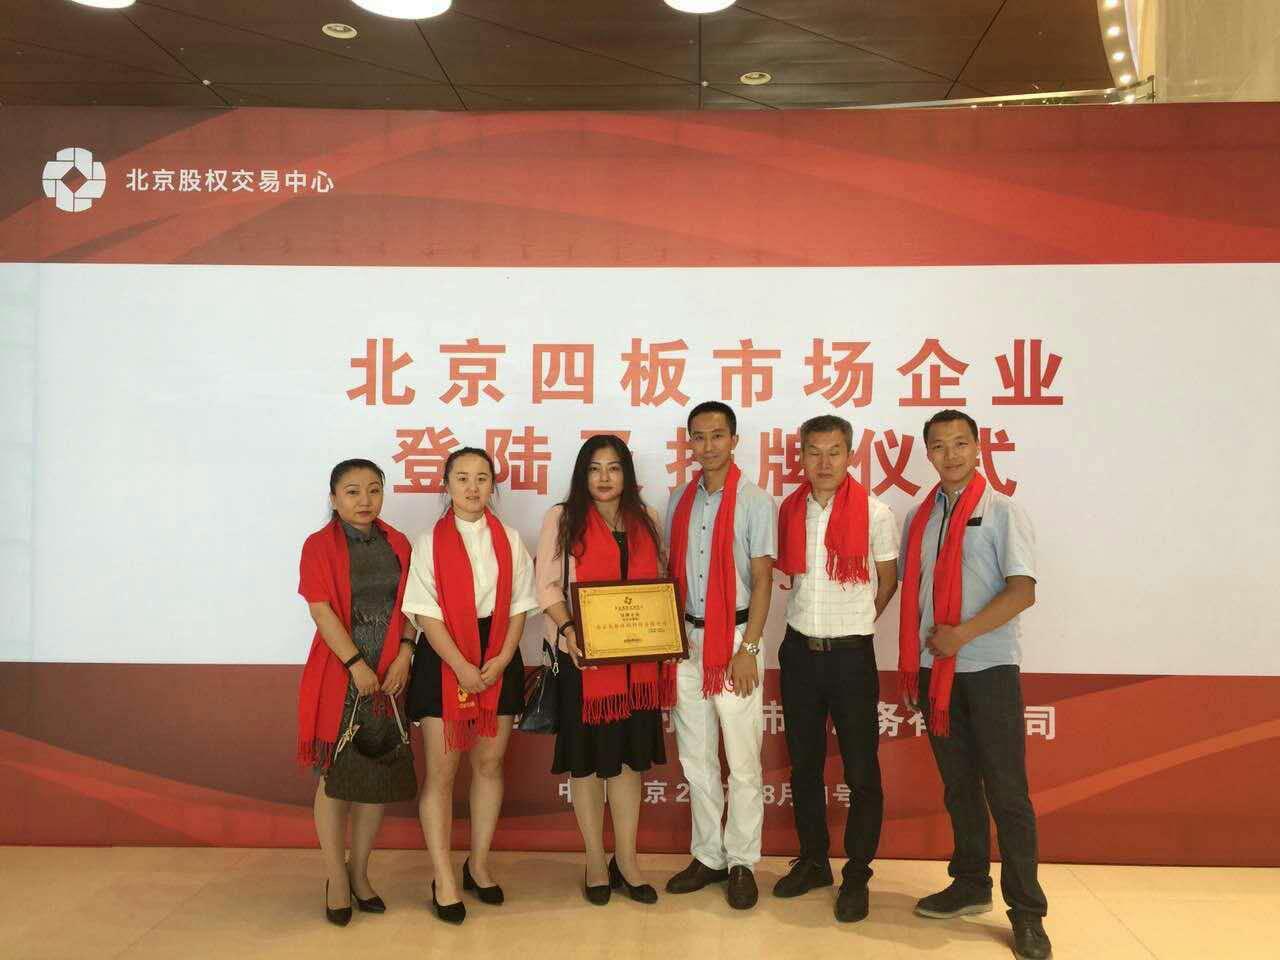 公司参加2017年度第三期北京四板市场企业登陆仪式及企业挂牌仪式